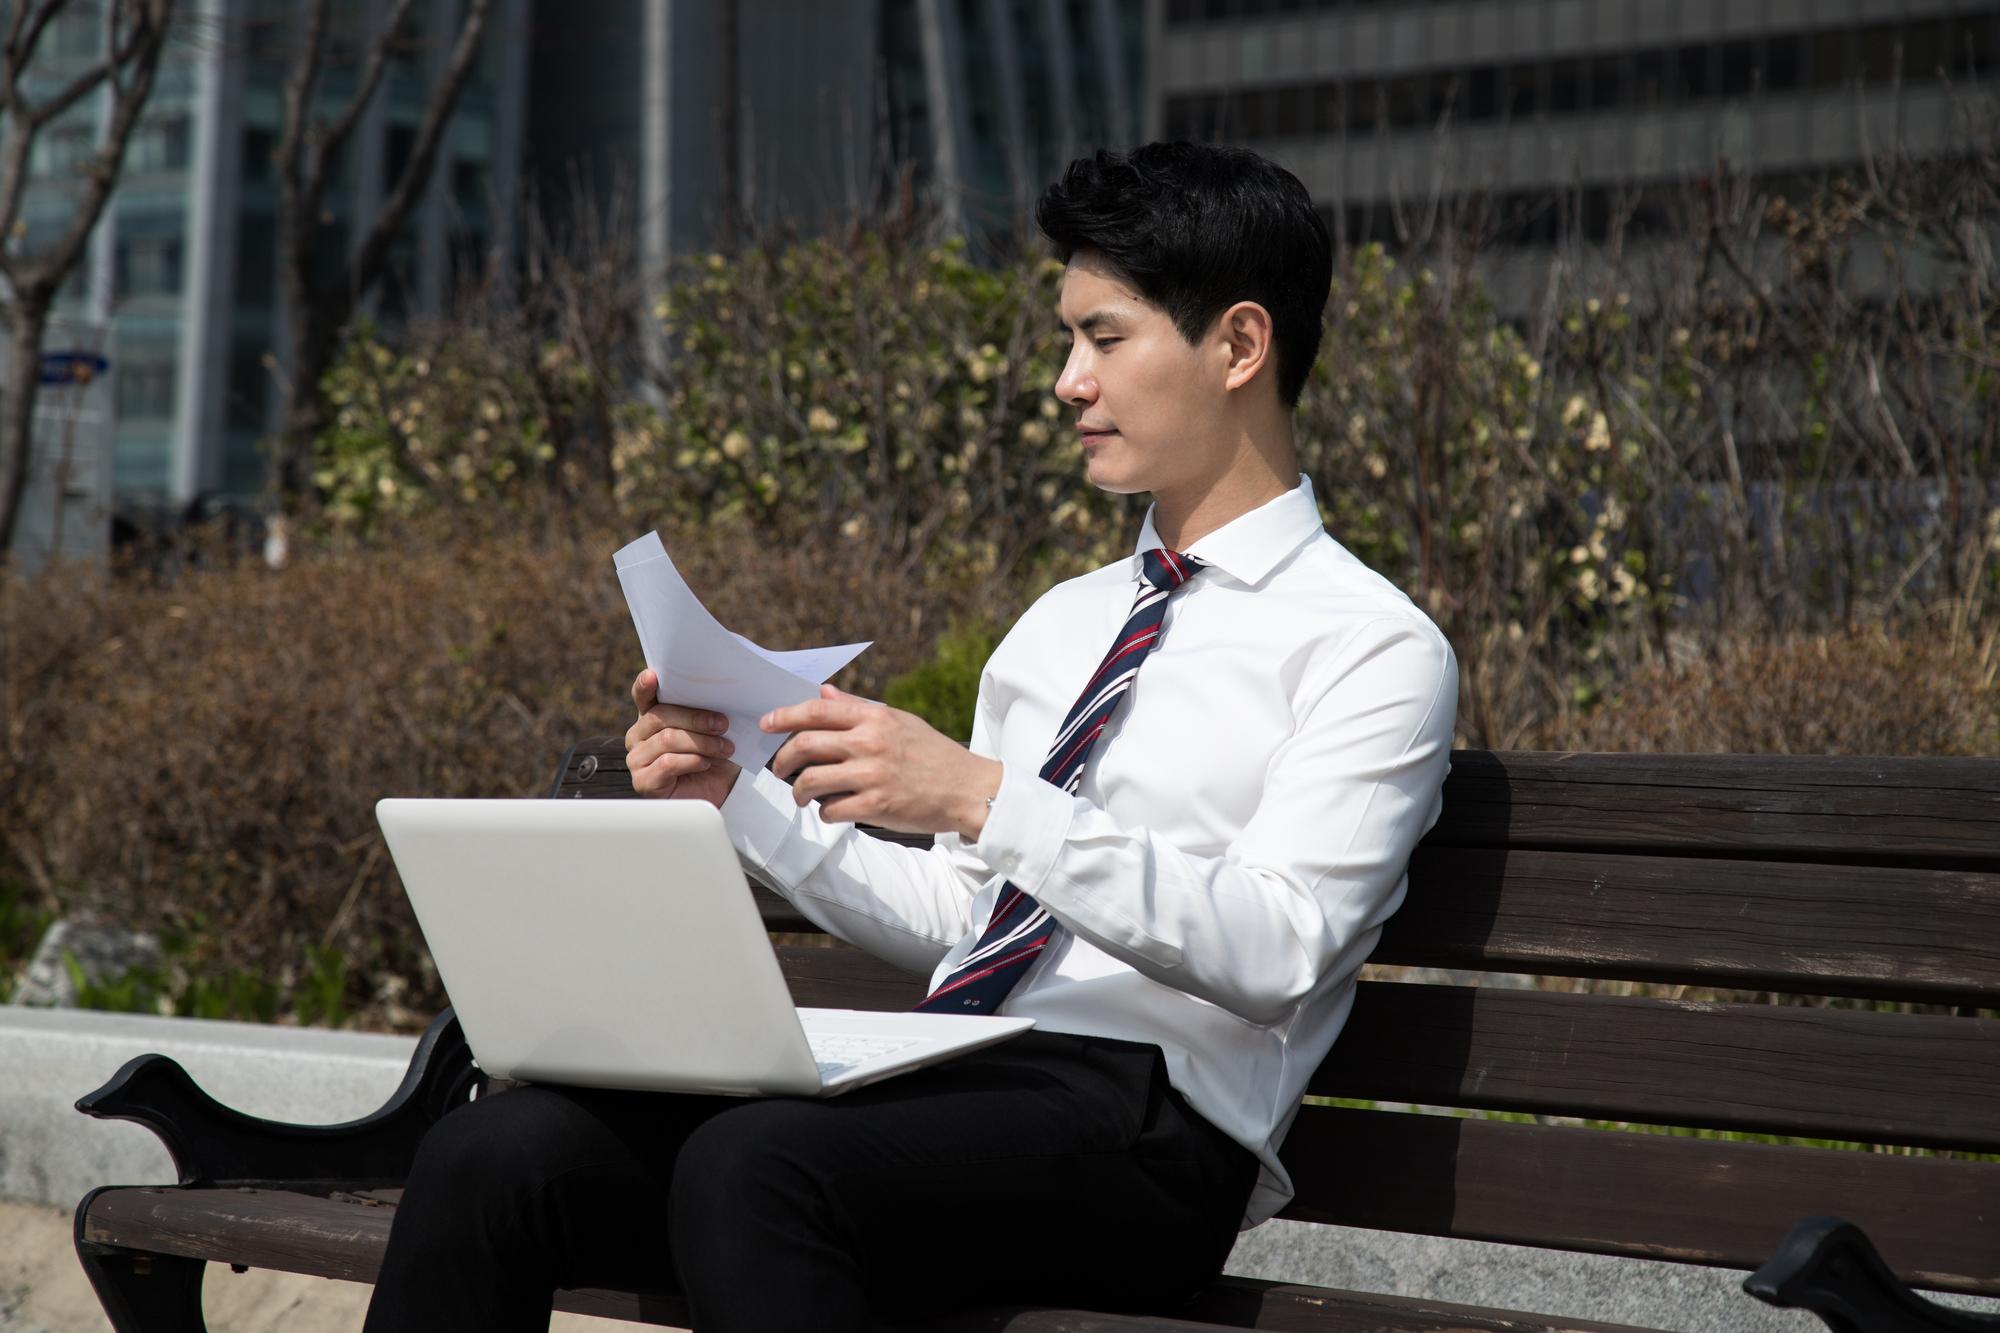 未経験の30代でも営業職に転職できる?求められているスキルや転職する際の注意点